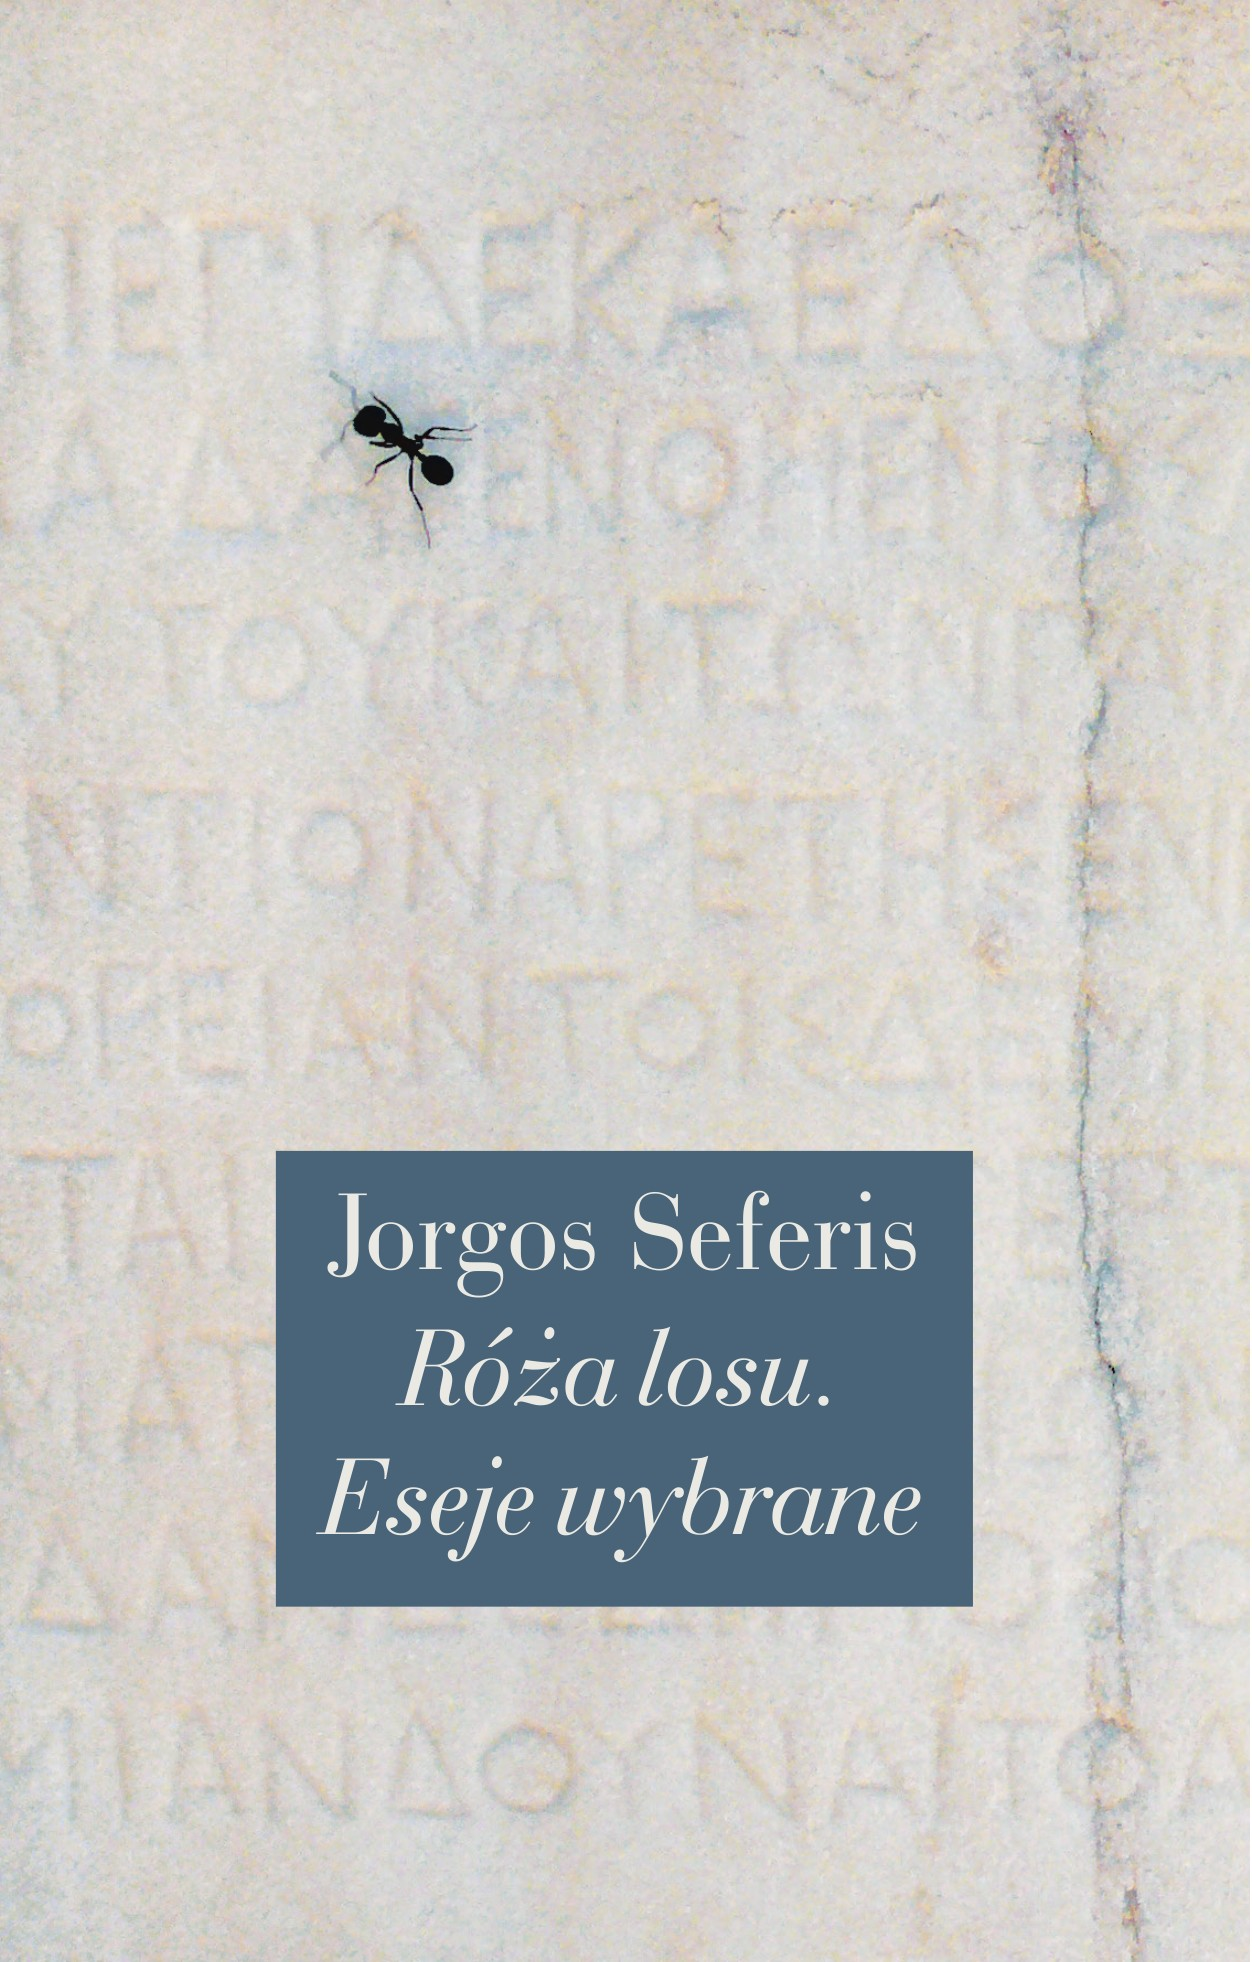 Okładka książki Jorgos Seferis eseje